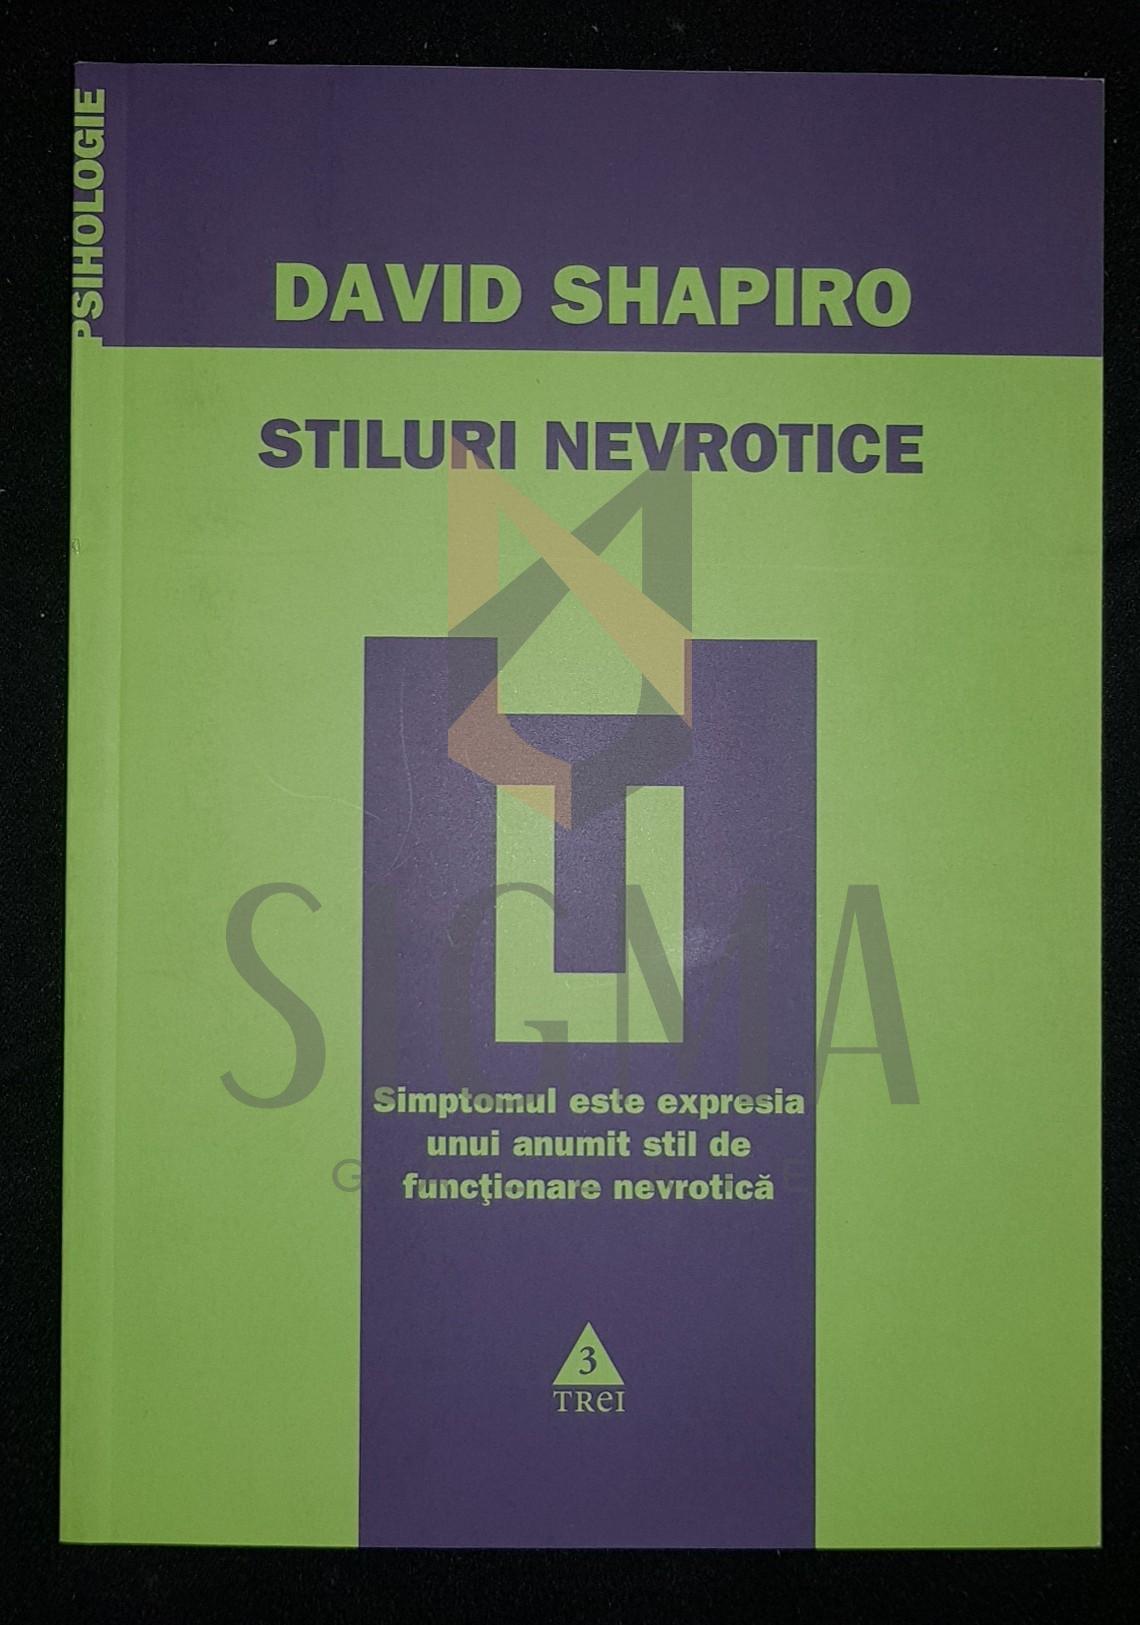 SHAPIRO DAVID